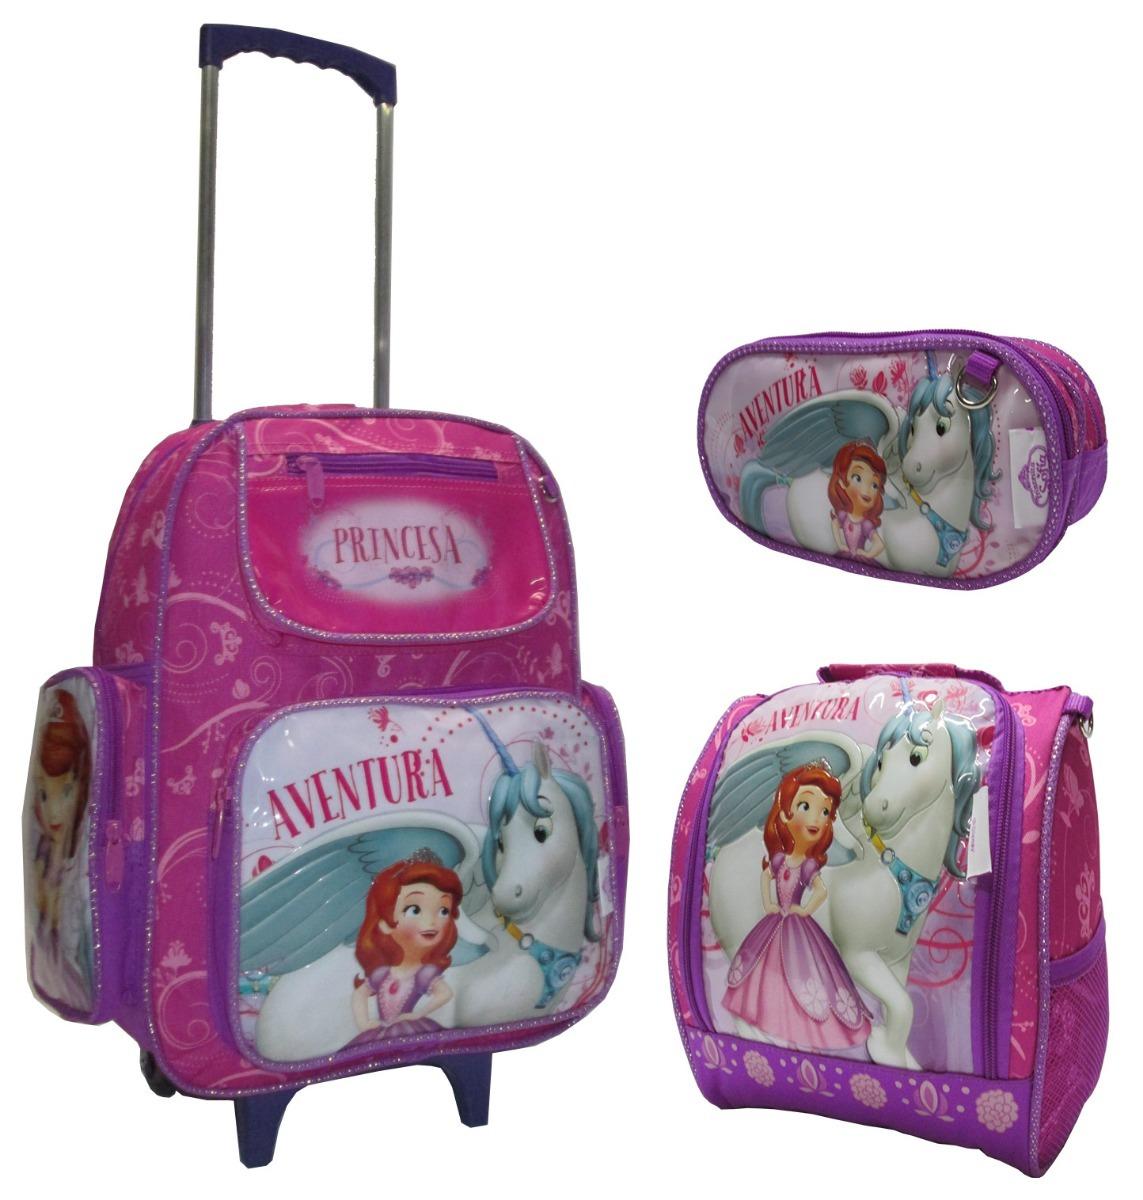 8bf4e75013 mochila princesa sofia rodinha kit lancheira estojo 2019 g. Carregando zoom.